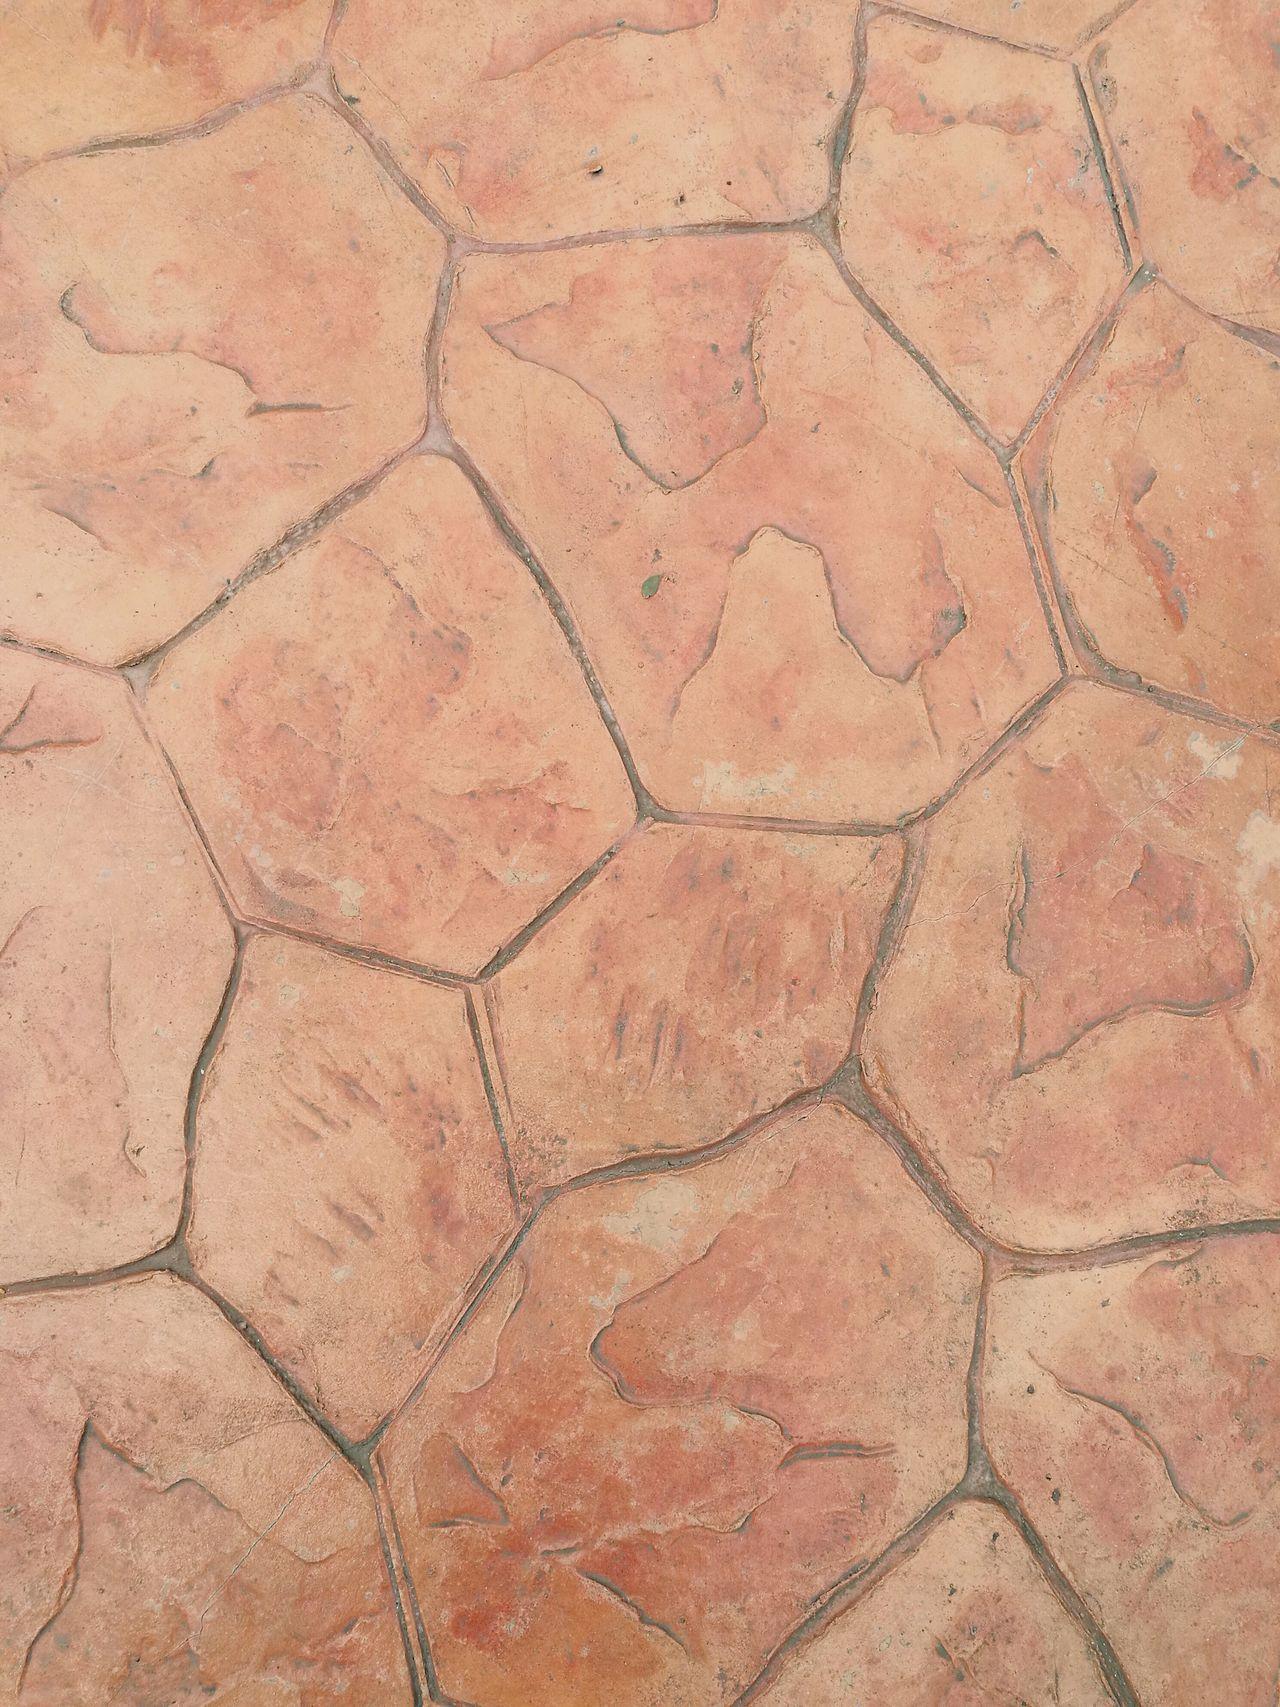 Stamp concrete floor. Concrete Concrete Floor Concrete Texture Concretedesign Concrete Blocks Concrete Buildings Concretephotography Textured  Texture Textures And Surfaces Textures In Nature Flooring Floor Floor Patterns